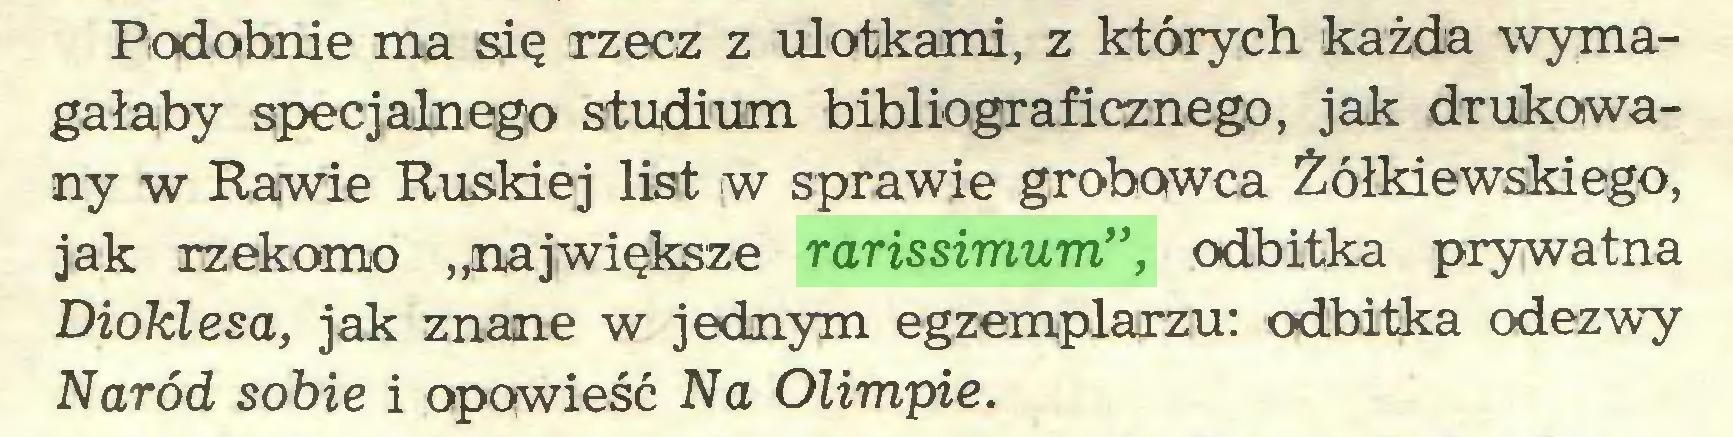 """(...) Podobnie ma się rzecz z ulotkami, z których każda wymagałaby specjalnego studium bibliograficznego, jak drukowany w Rawie Ruskiej list w sprawie grobowca Żółkiewskiego, jak rzekomo """"największe rarissimum"""", odbitka prywatna Dioklesa, jak znane w jednym egzemplarzu: odbitka odezwy Naród sobie i opowieść Na Olimpie..."""